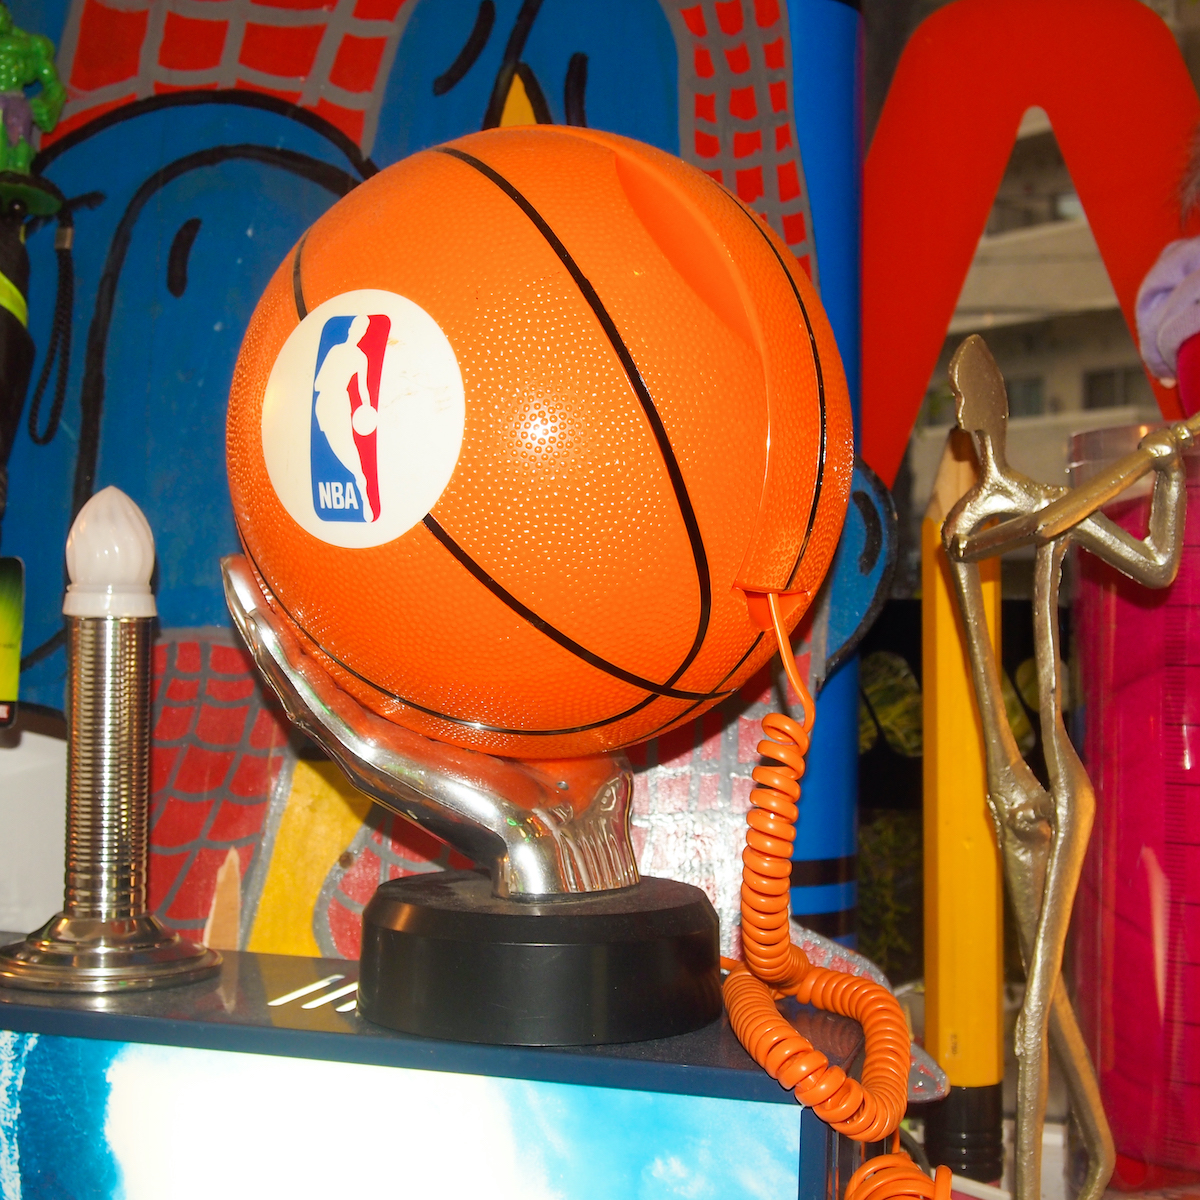 NBAロゴのバスケットボールの形をした電話。もはや固定電話は不要な今日このごろだが、オブジェとして飾りたい。¥11,000